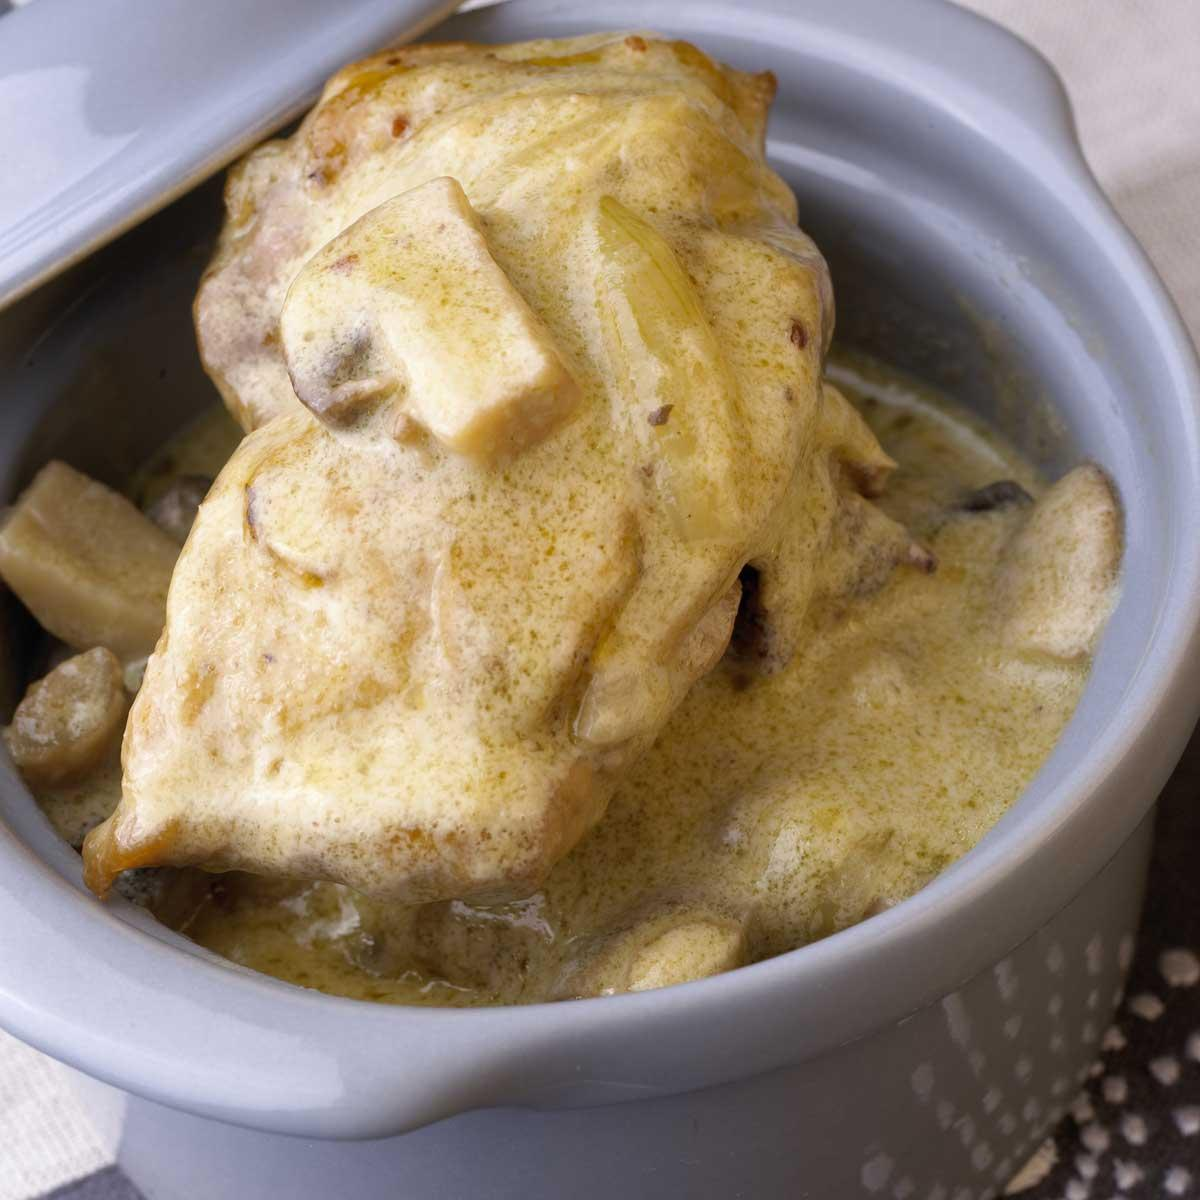 Poulet la normande une recette terroir cuisine le for Specialite normande cuisine